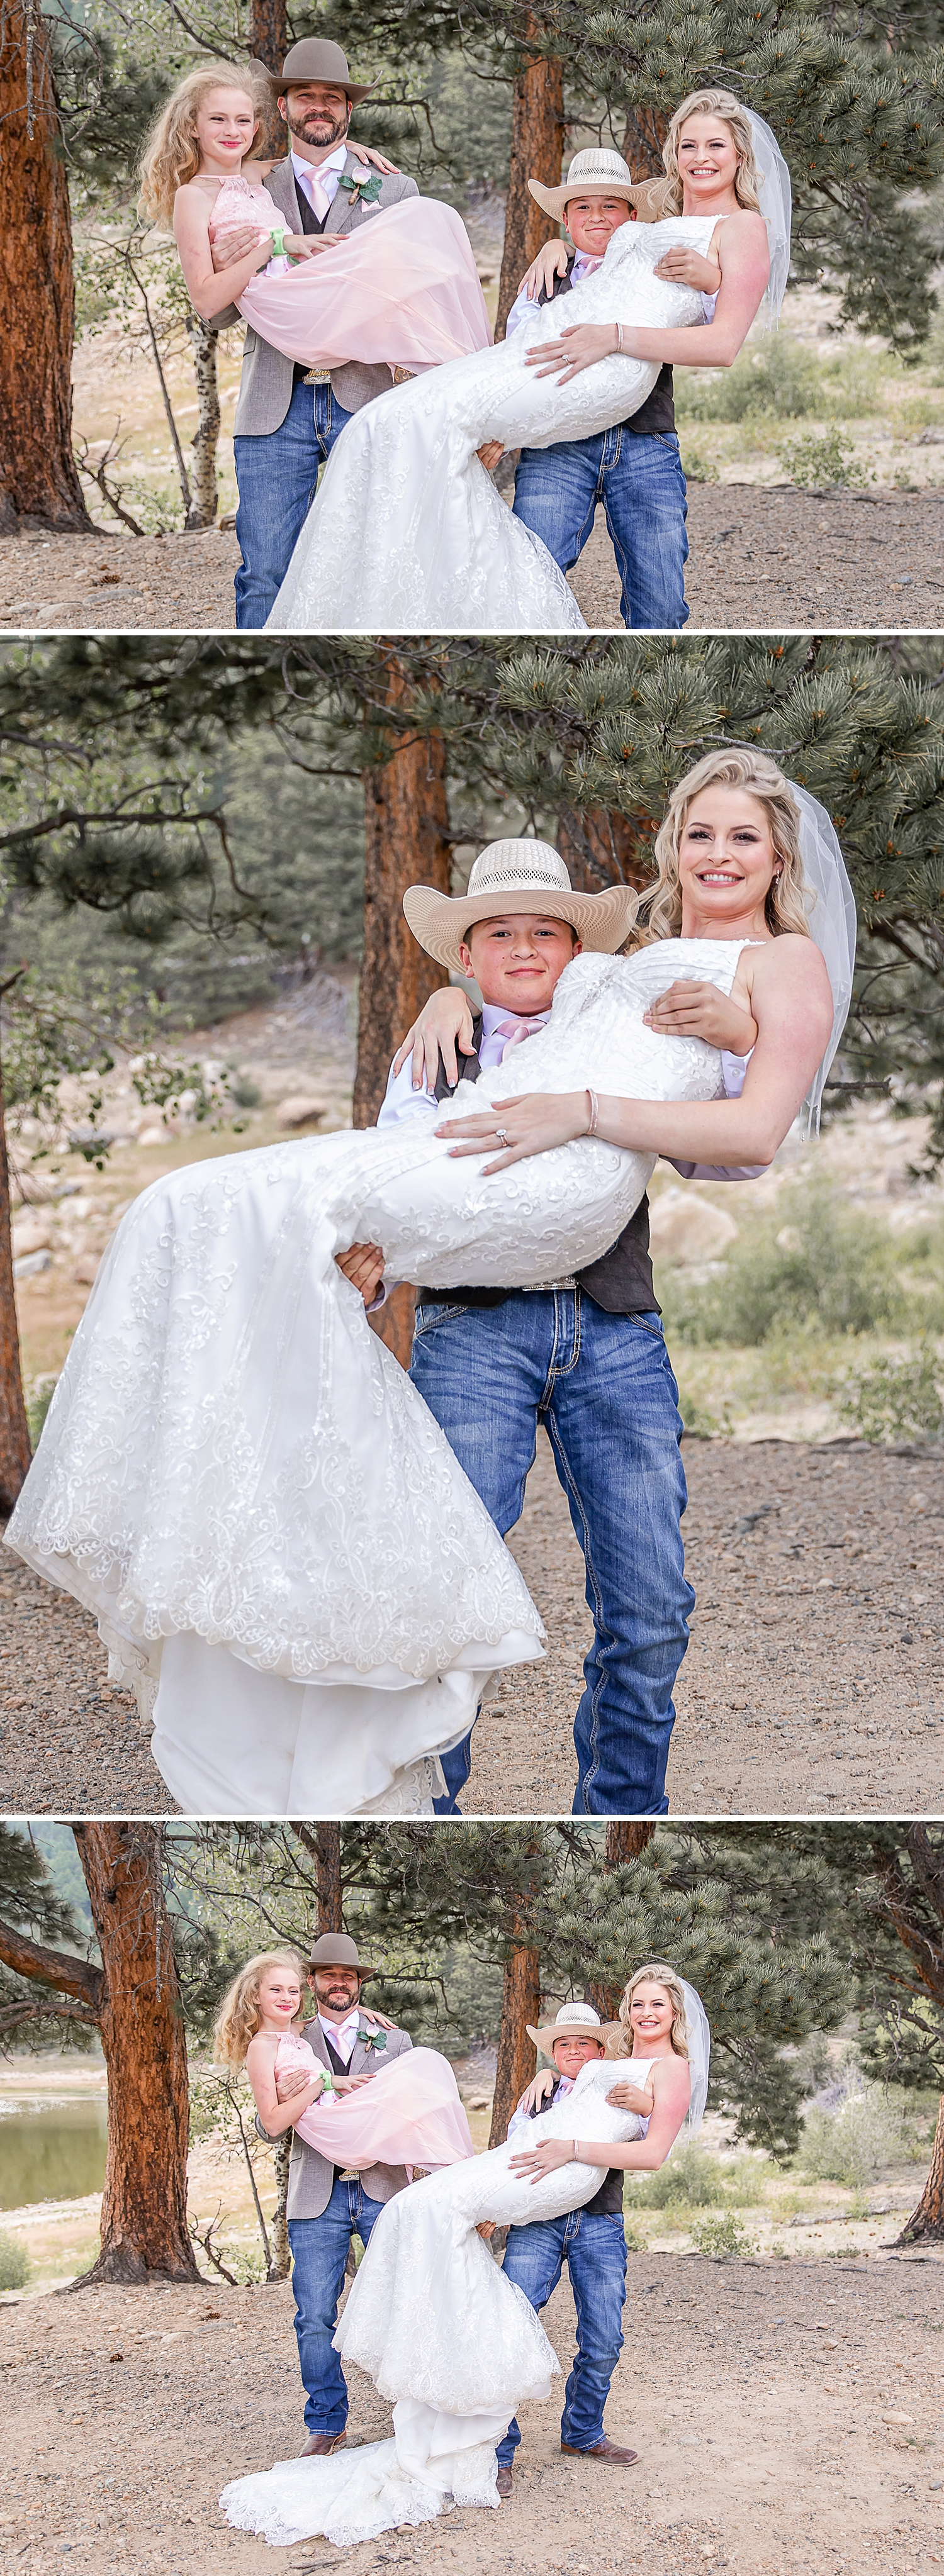 Carly-Barton-Photography-Rocky-Mountain-National-Park-Estes-Park-Wedding-Elopement_0116.jpg